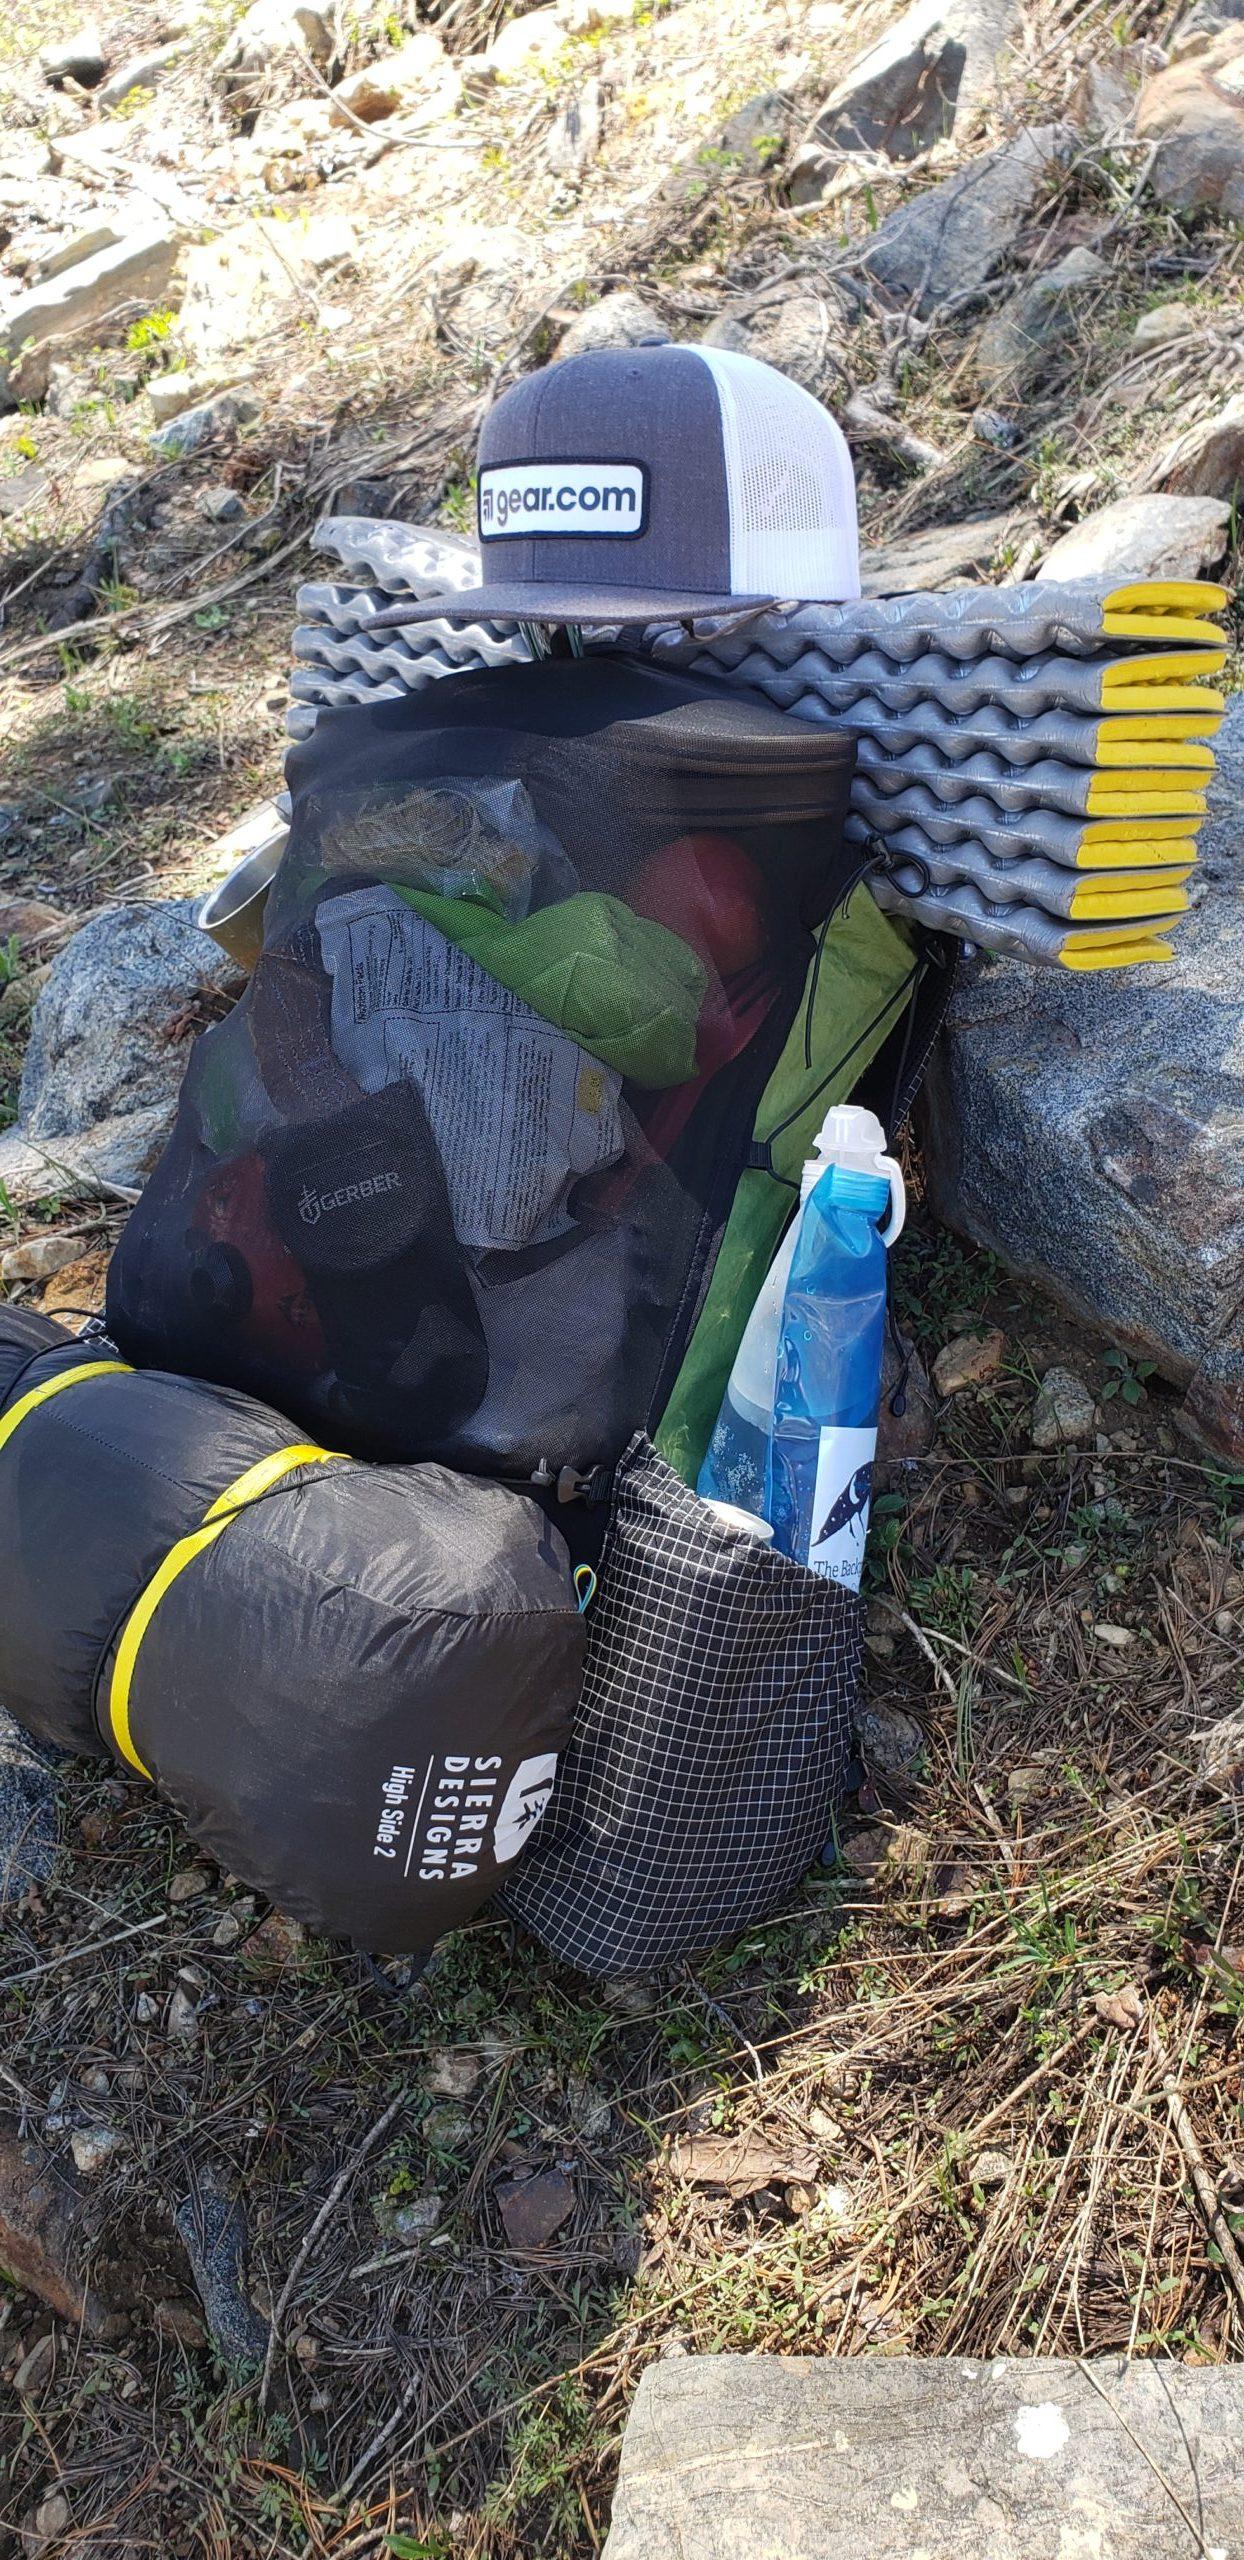 Sierra Designs Tent On Pack 2